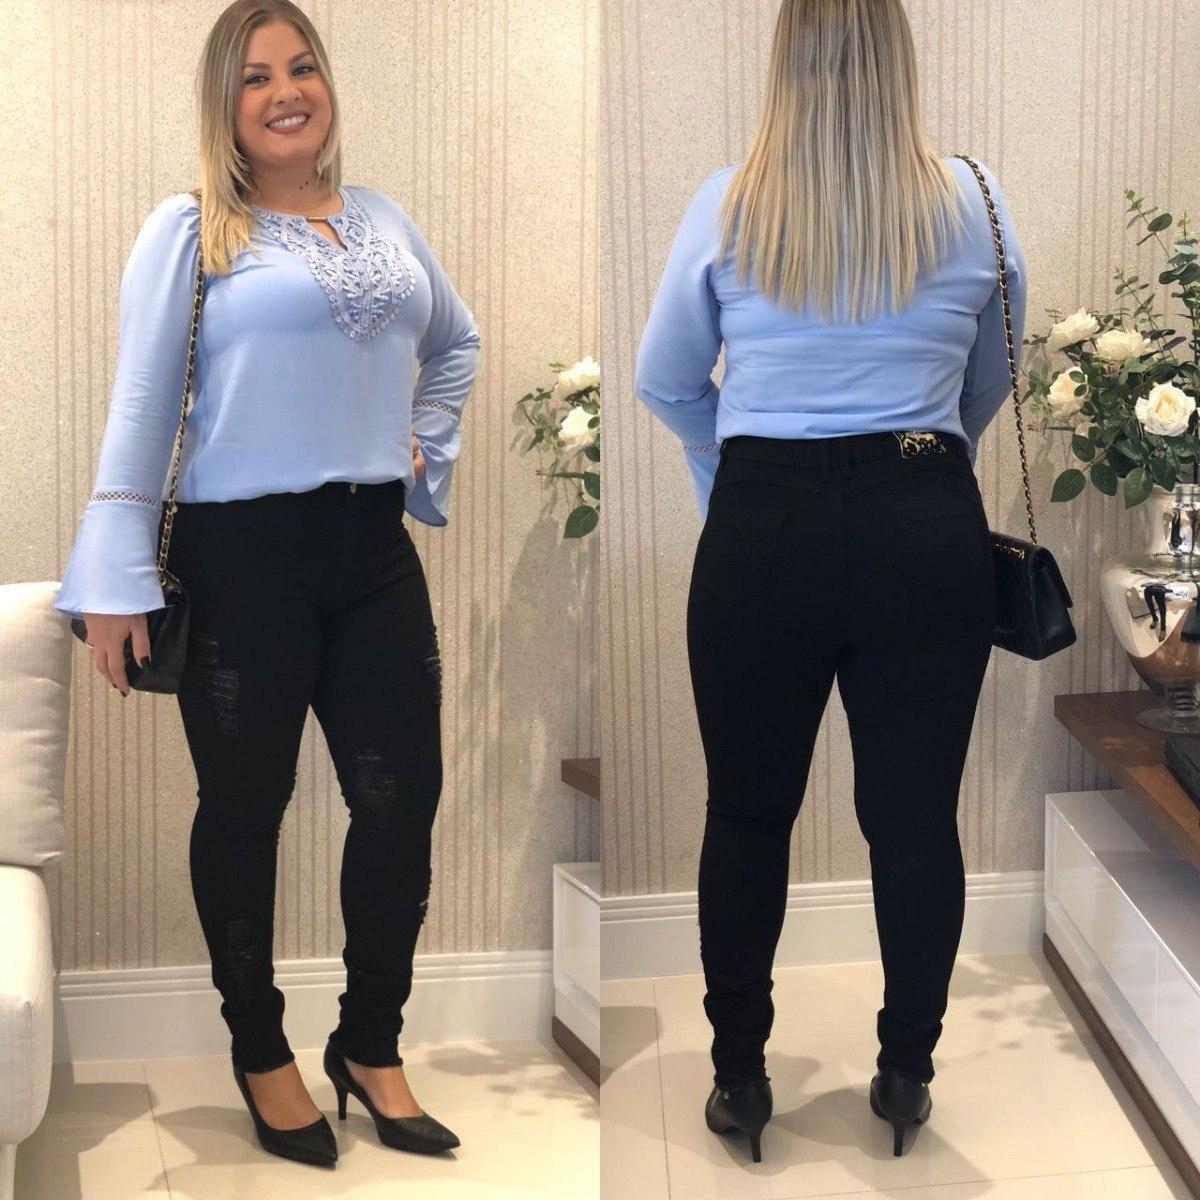 f1adf41bf Roupas Femininas Calça Jeans Rasgada Plus Size Do 46 Ao 54 - R  149 ...